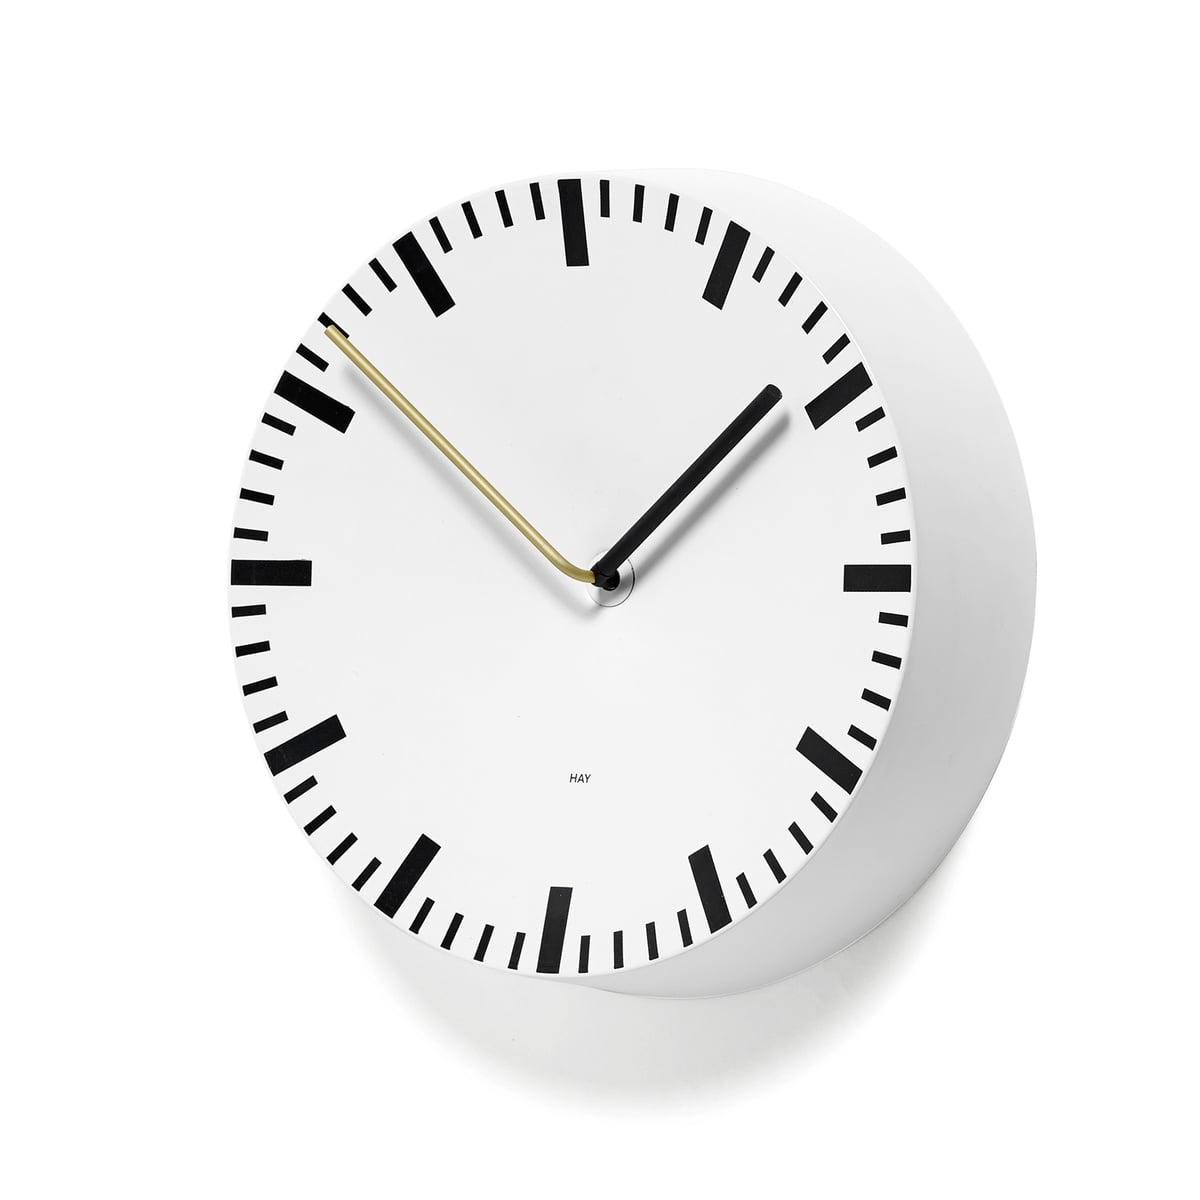 HAY - Analog Uhr, weiß